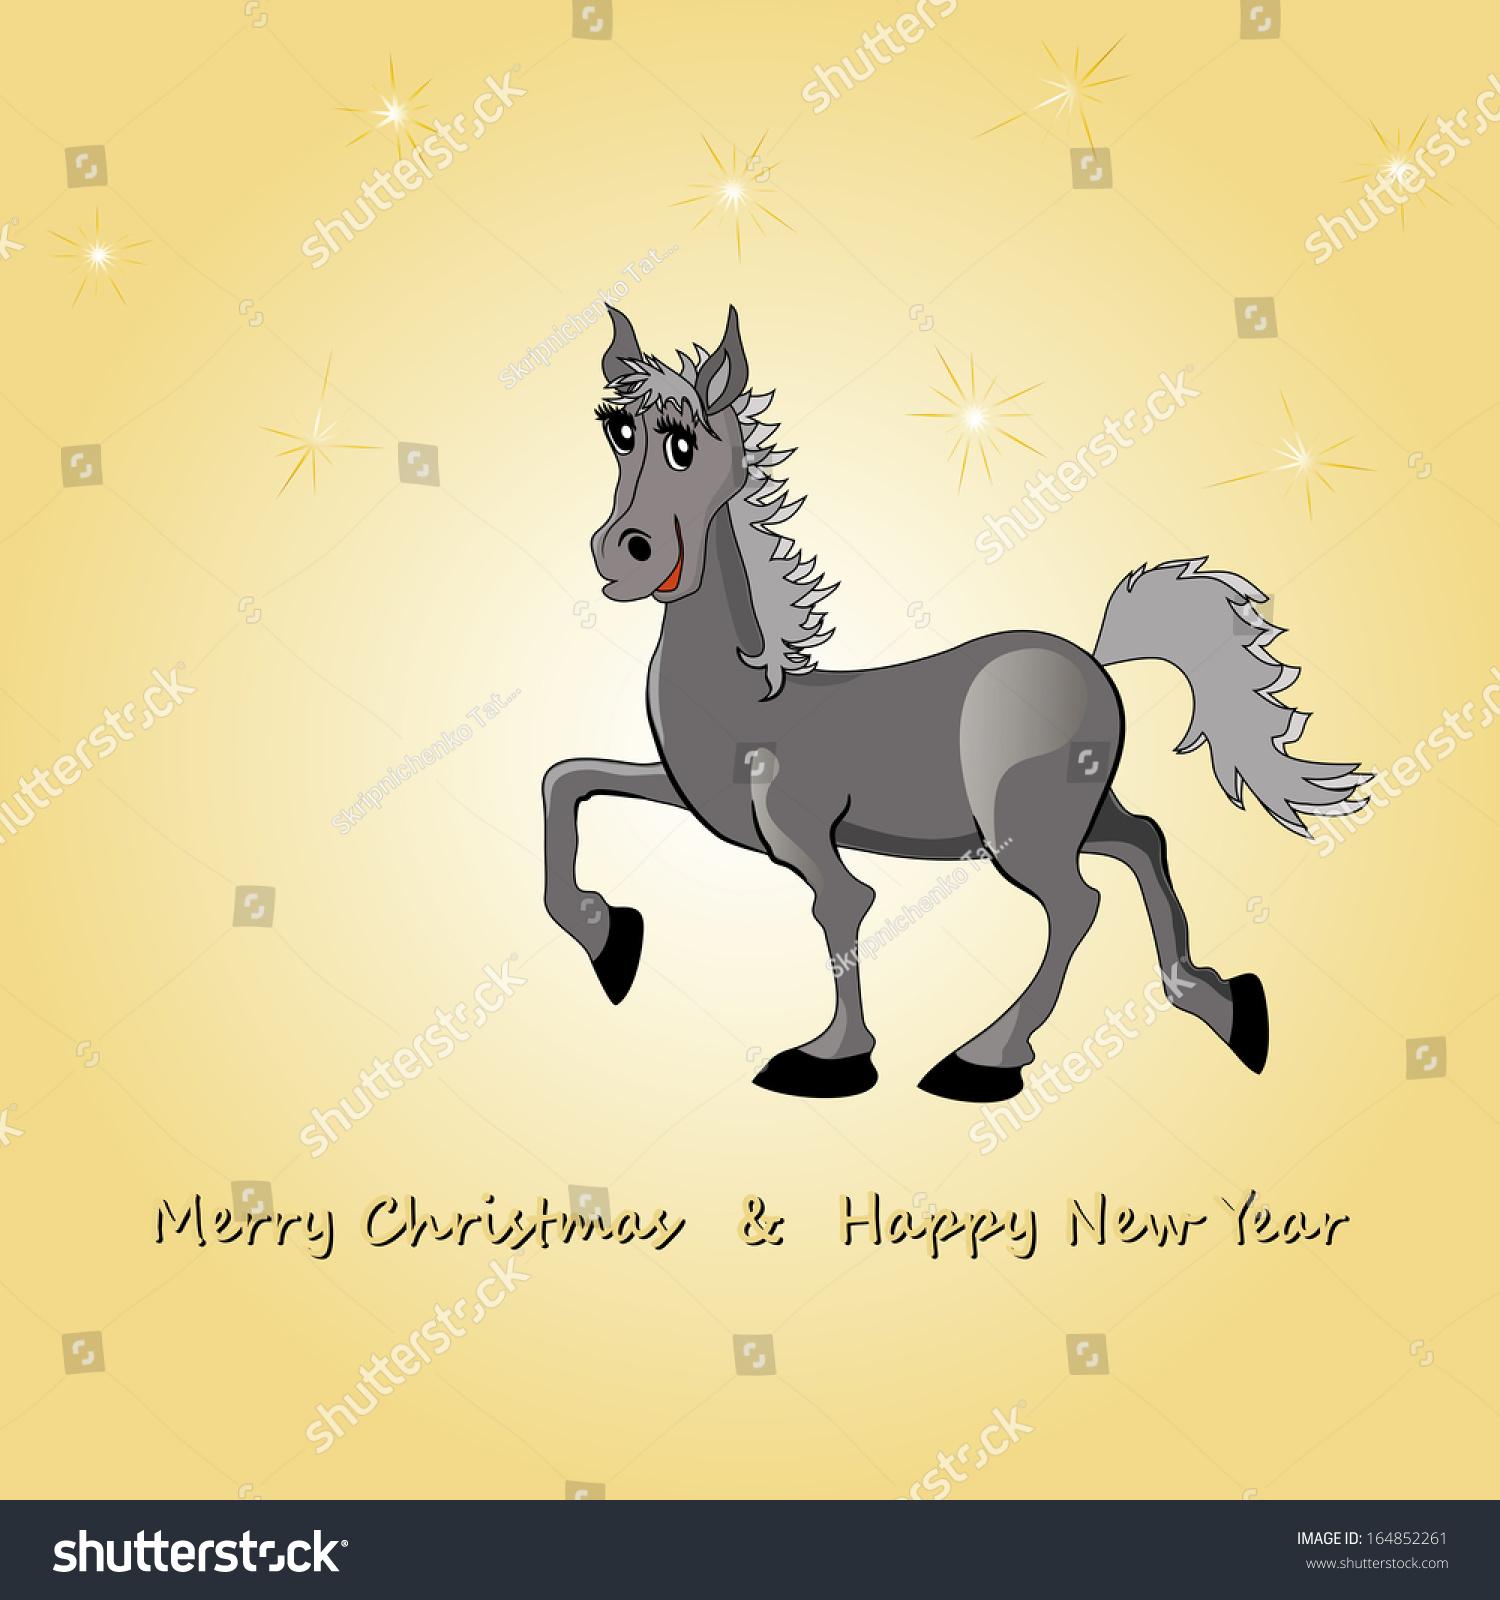 New years card horse symbol 2014 stock illustration 164852261 new years card with a horse as a symbol of 2014 new year buycottarizona